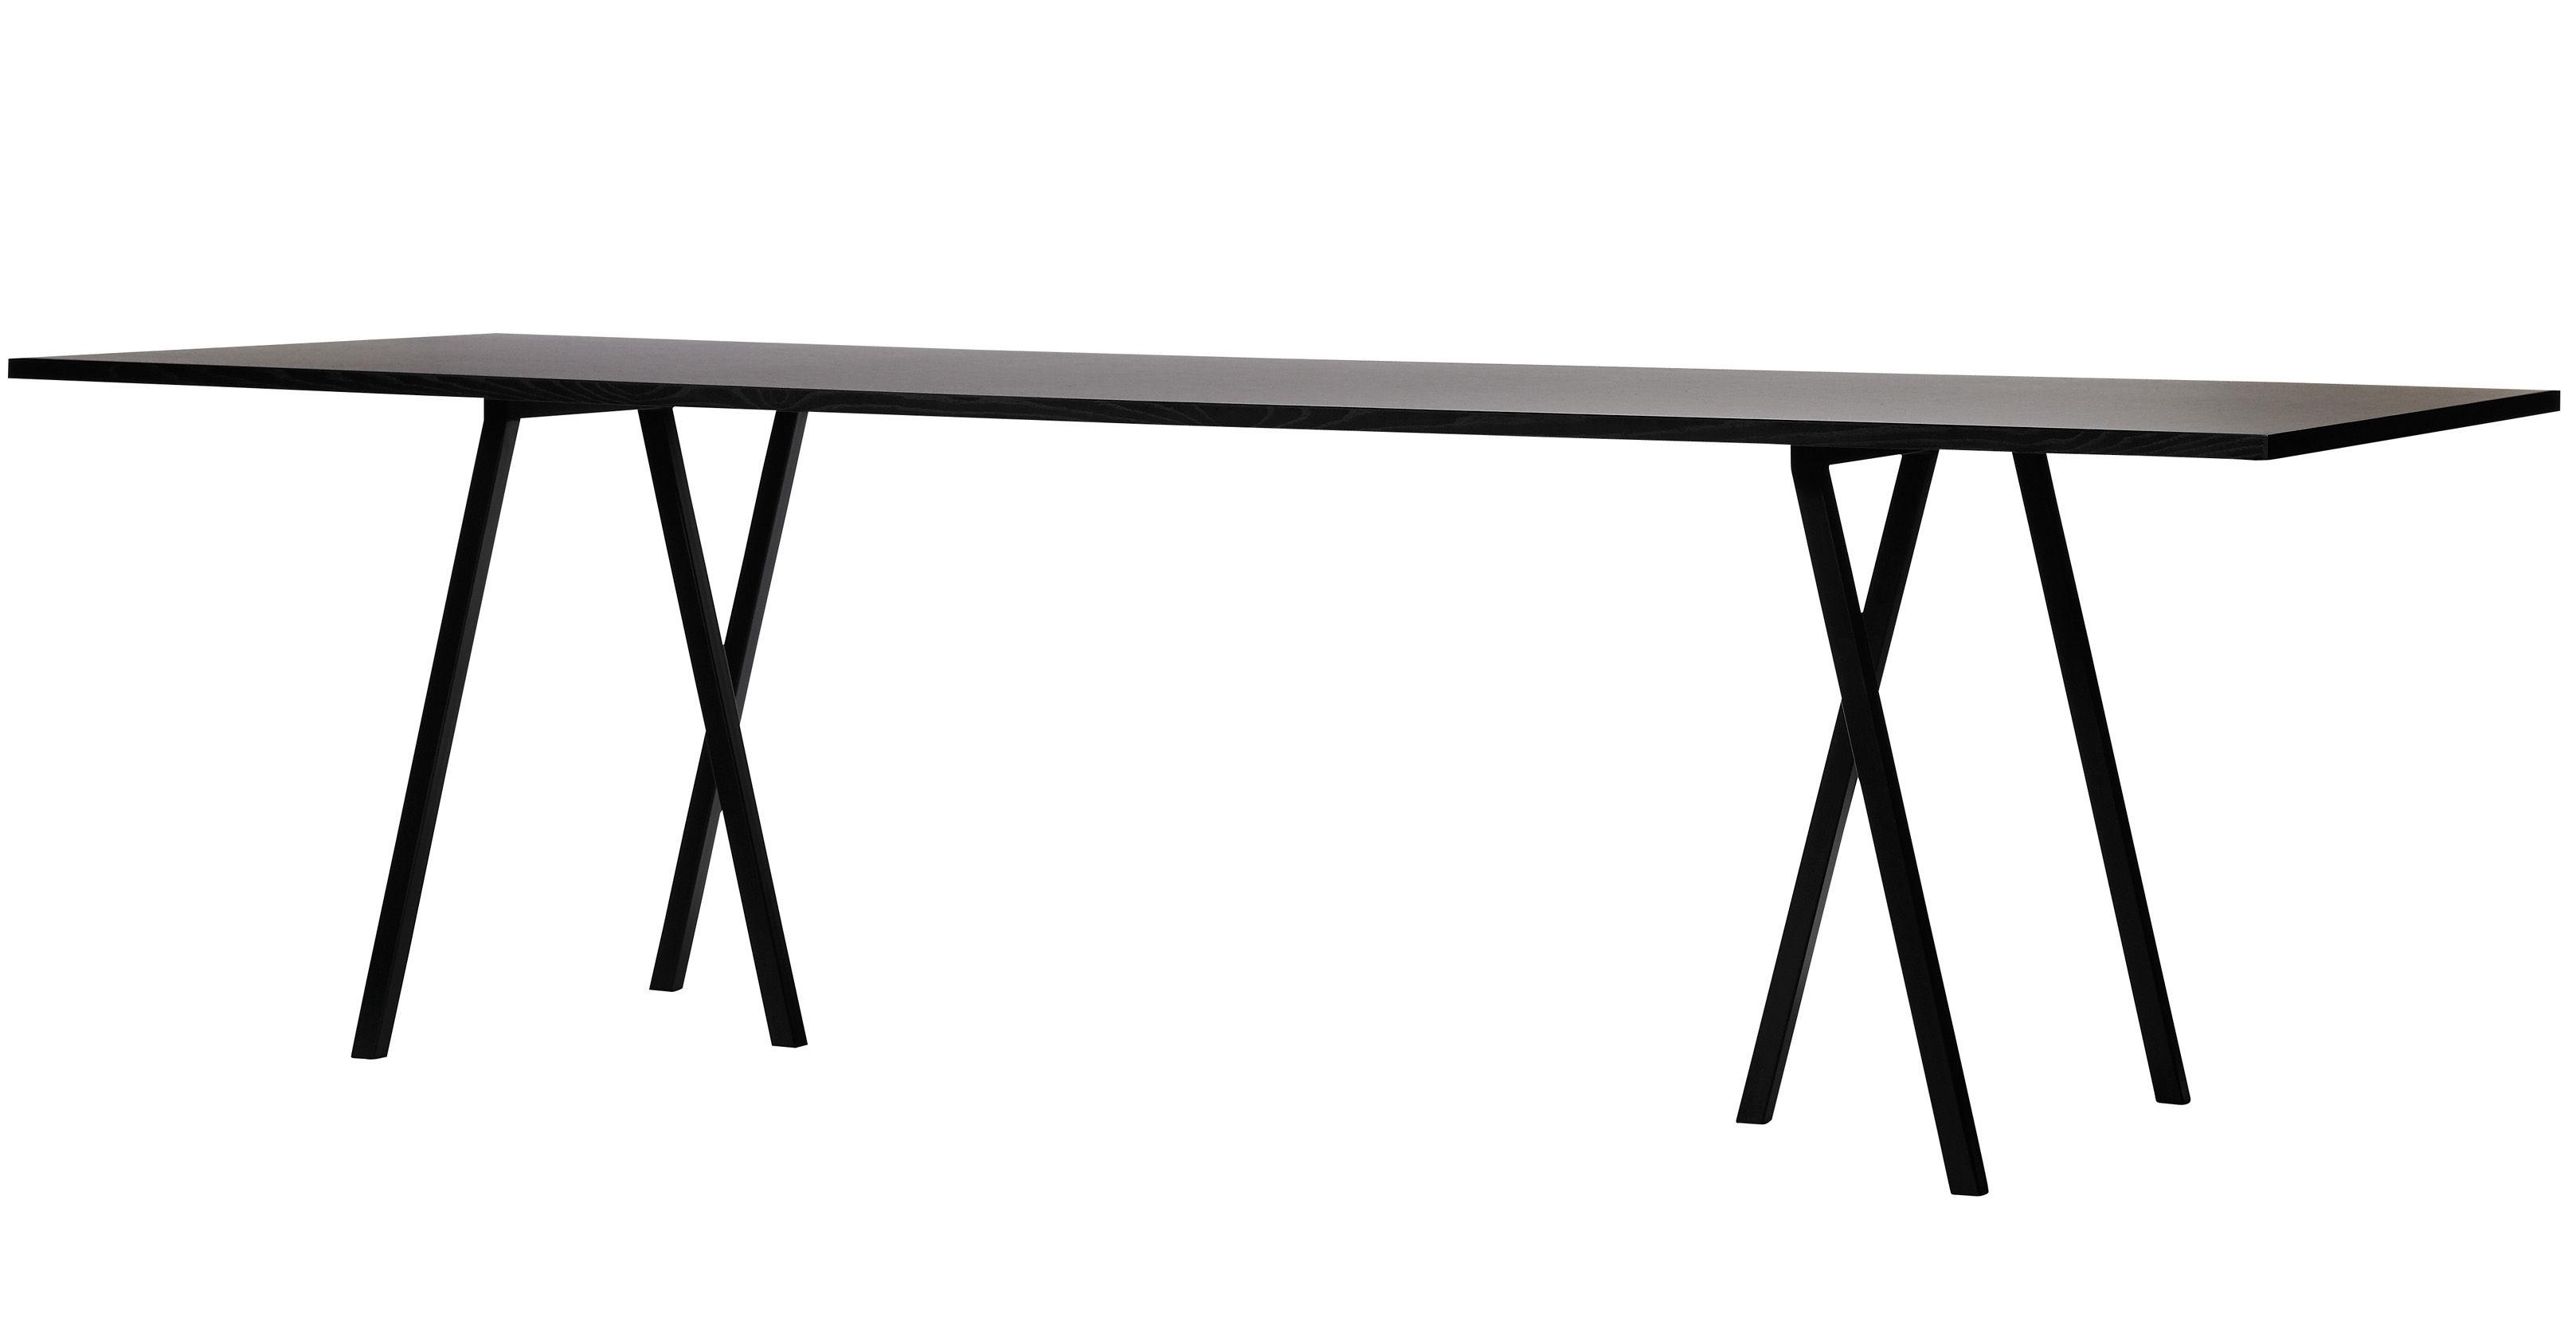 Rentrée 2011 UK - Must-have - Tavolo rettangolare Loop - L 180 cm di Hay - L 180 cm - Nero - Acciaio laccato